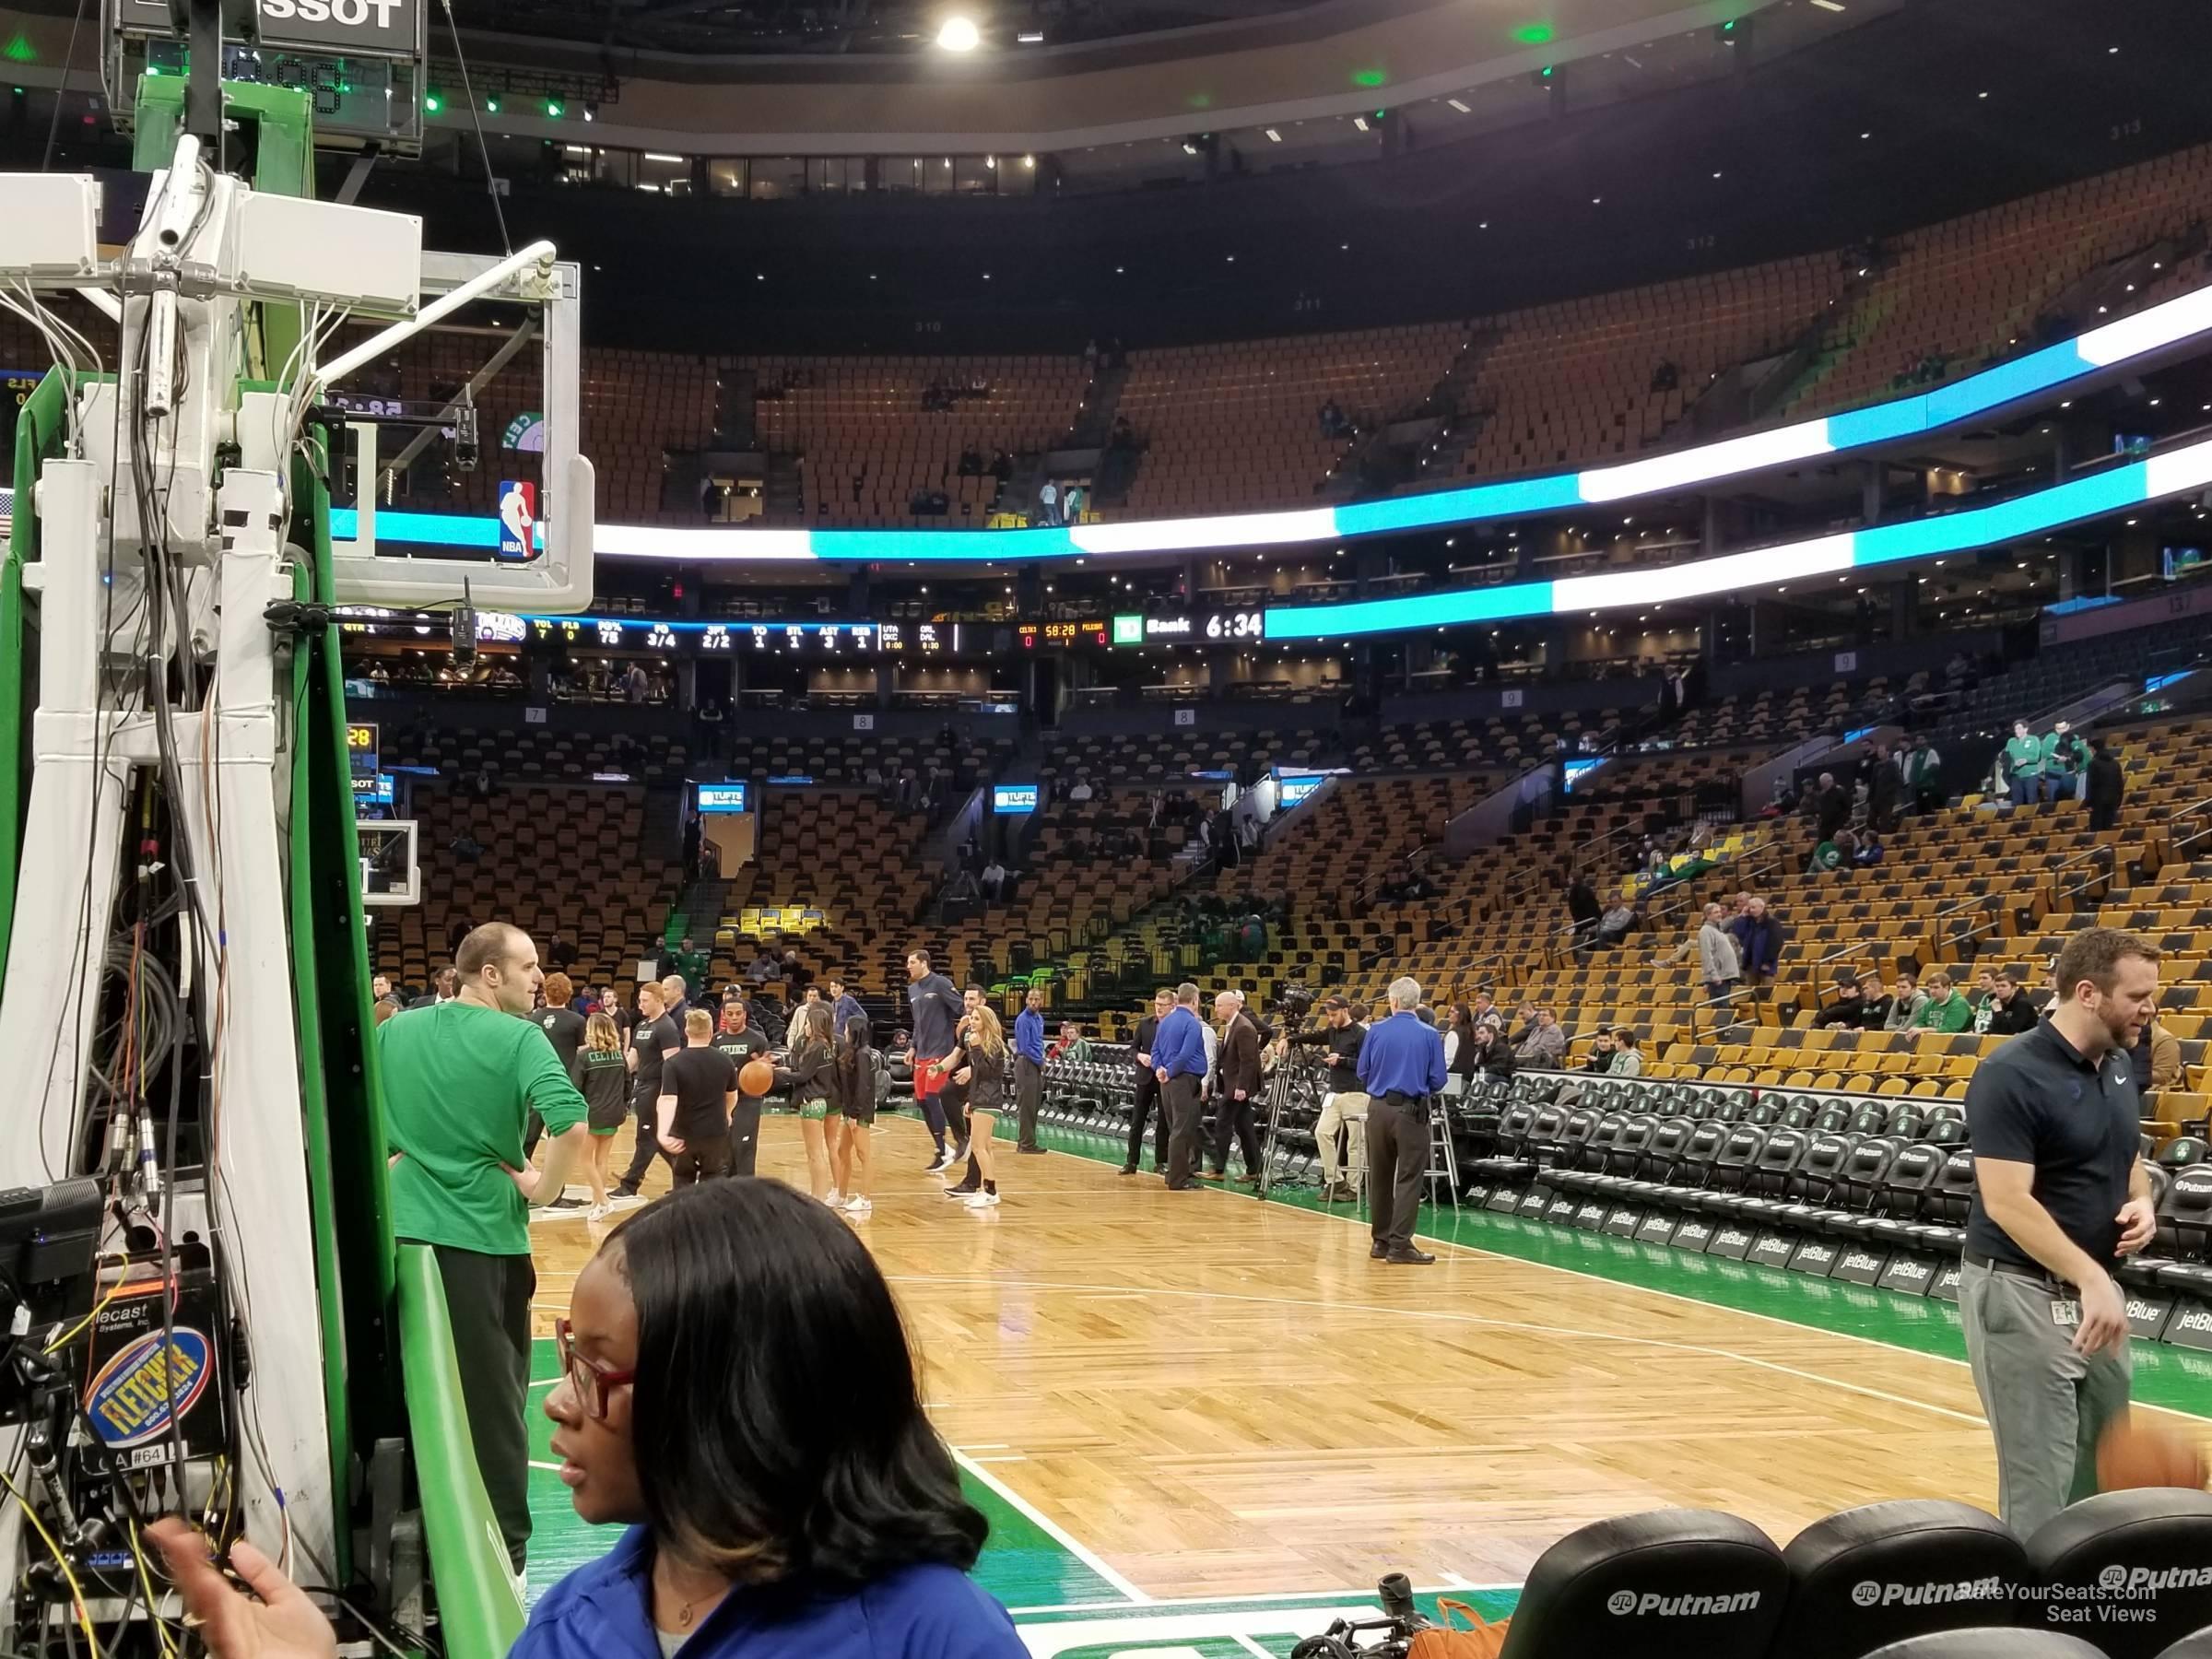 Td Garden Floor 18 Boston Celtics Rateyourseats Com